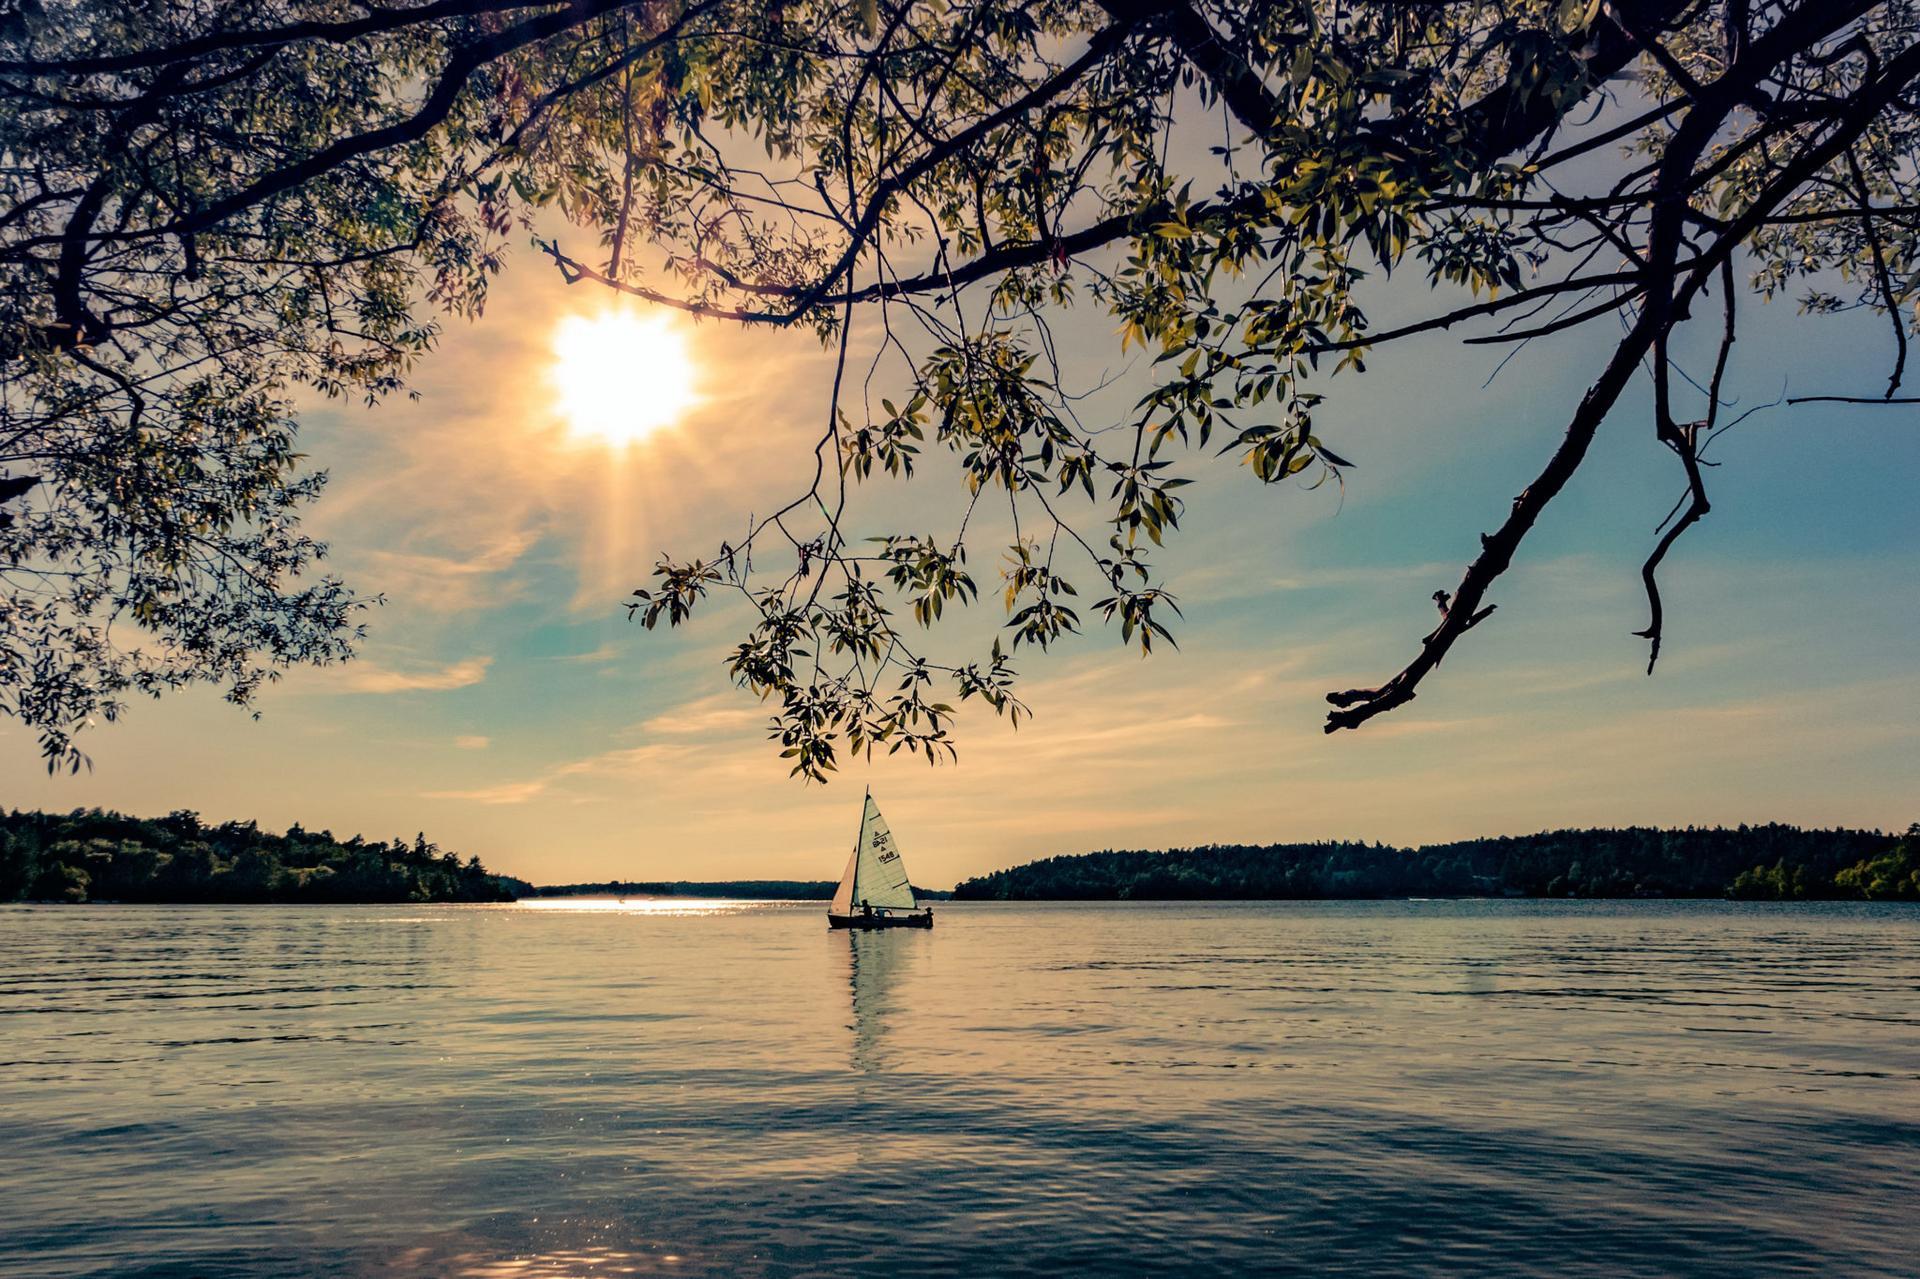 Purjevene Itämerellä